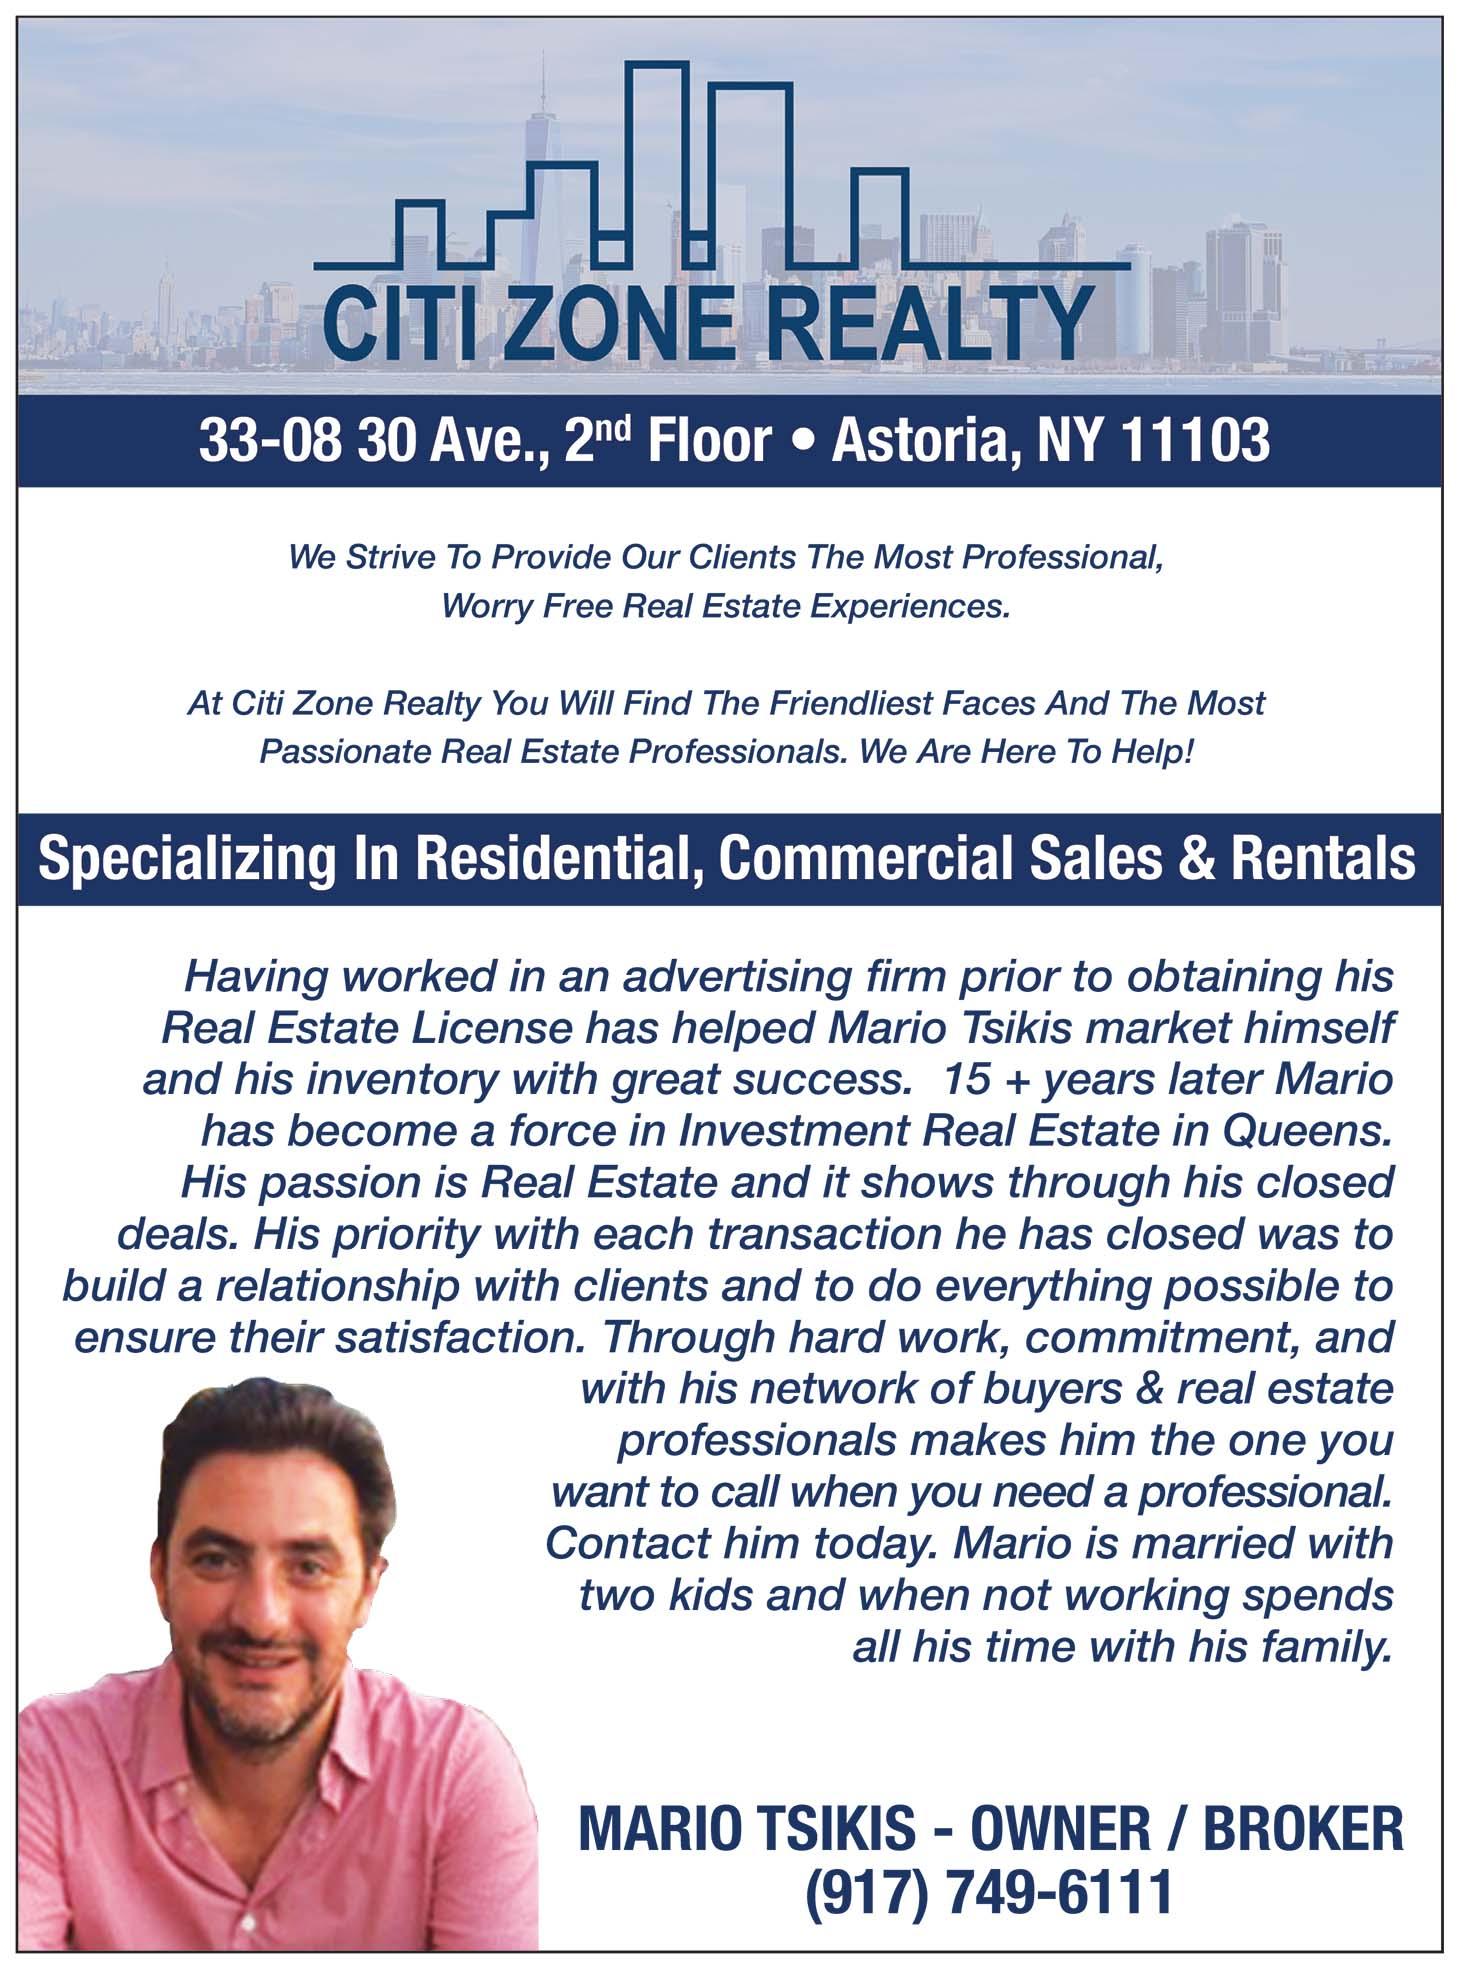 Citi Zone Realty Realtor Ad